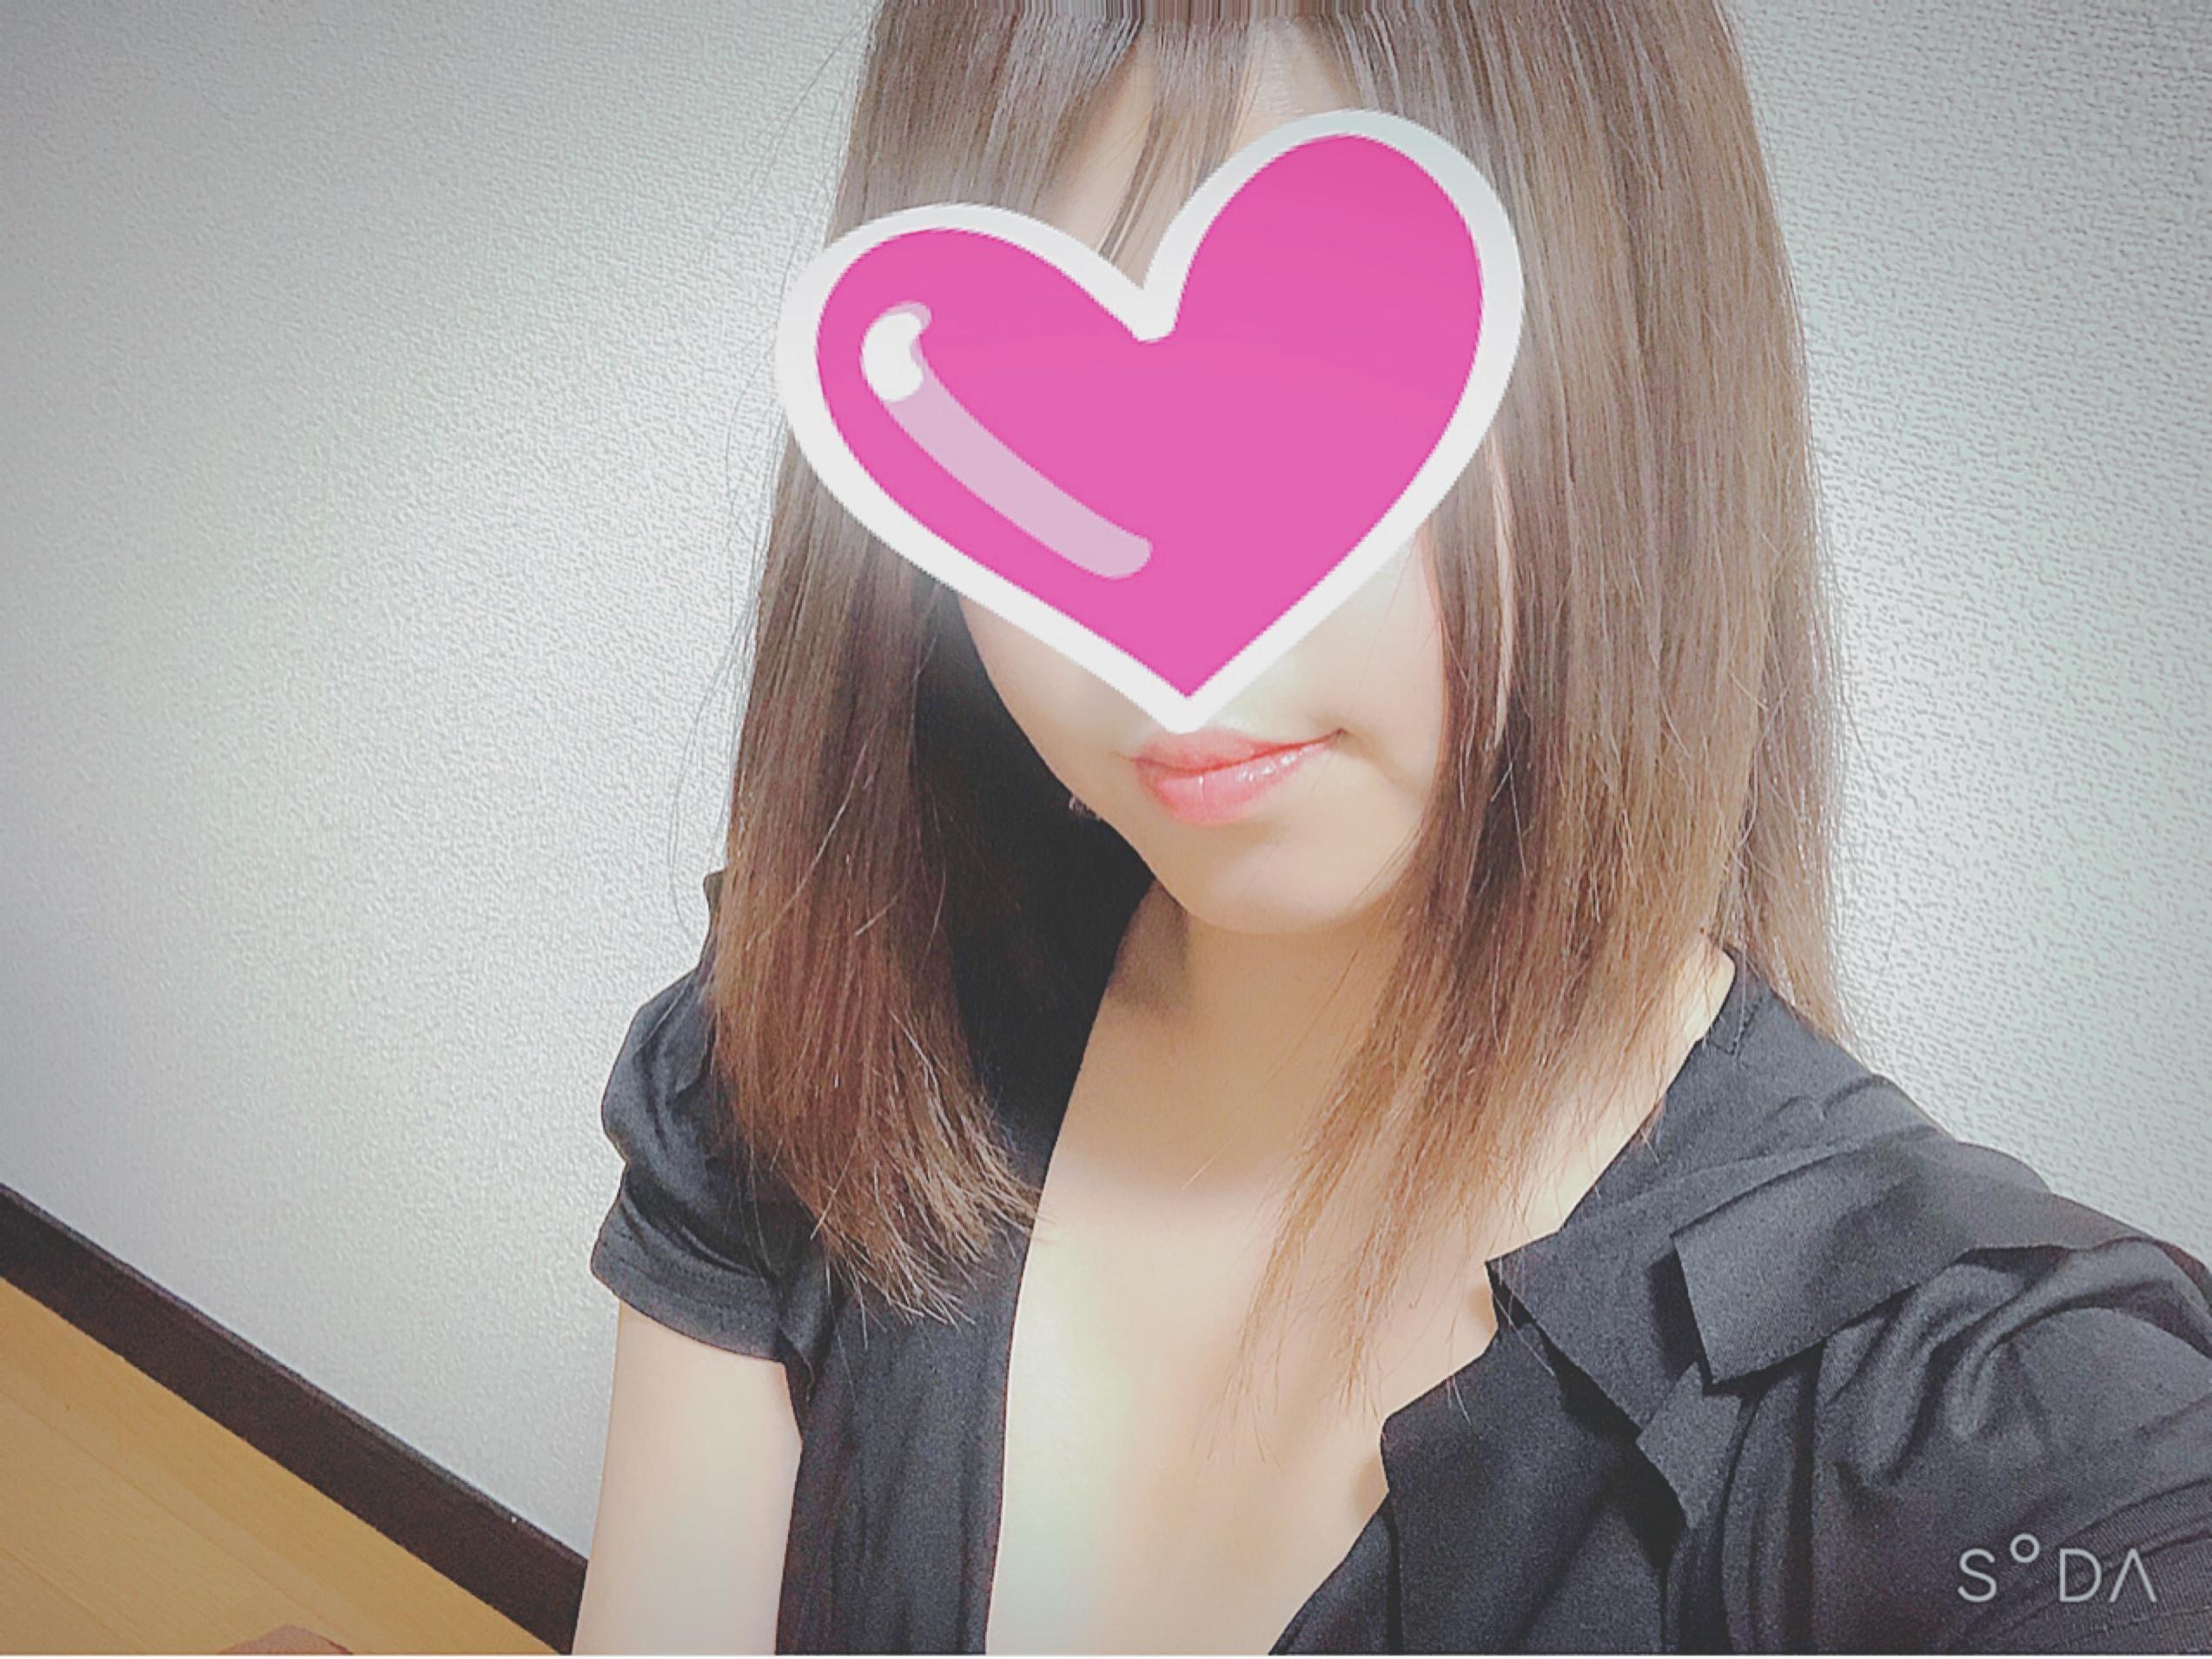 「はじめまして☆*°」12/21(12/21) 16:17 | えりの写メ・風俗動画